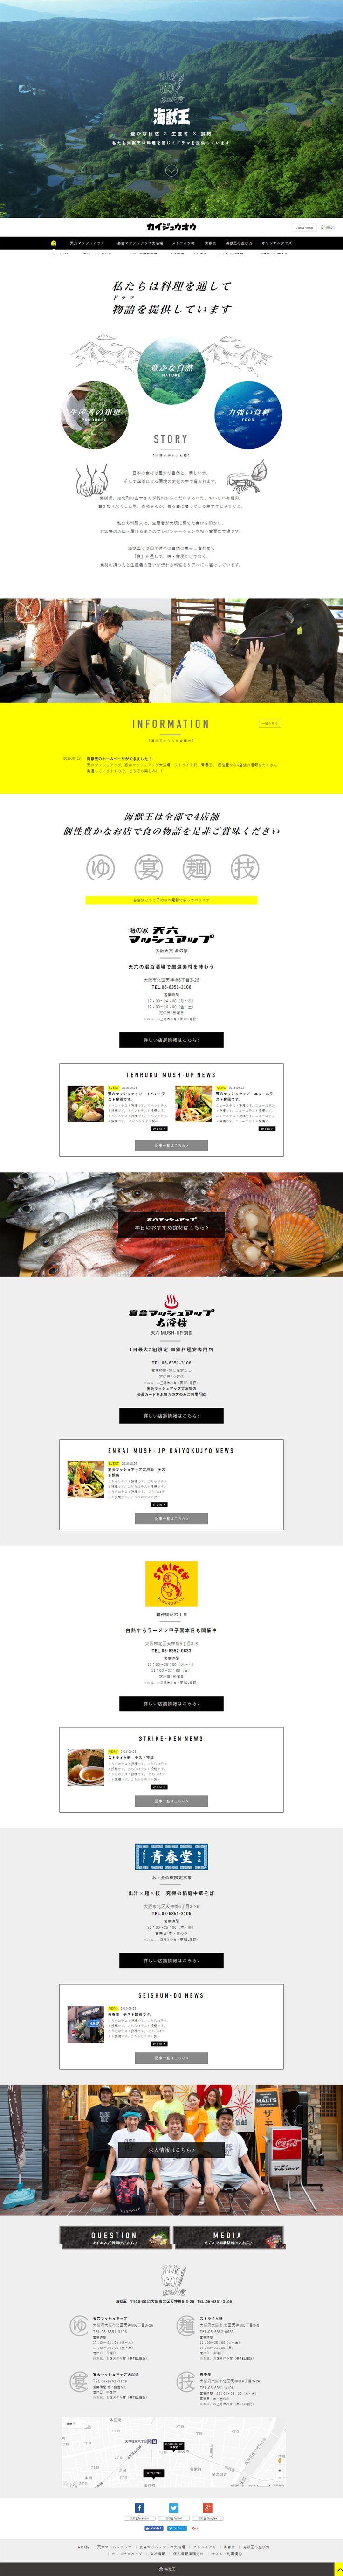 海獣王【食品関連】のLPデザイン。WEBデザイナーさん必見!ランディングページのデザイン参考に(シンプル系)